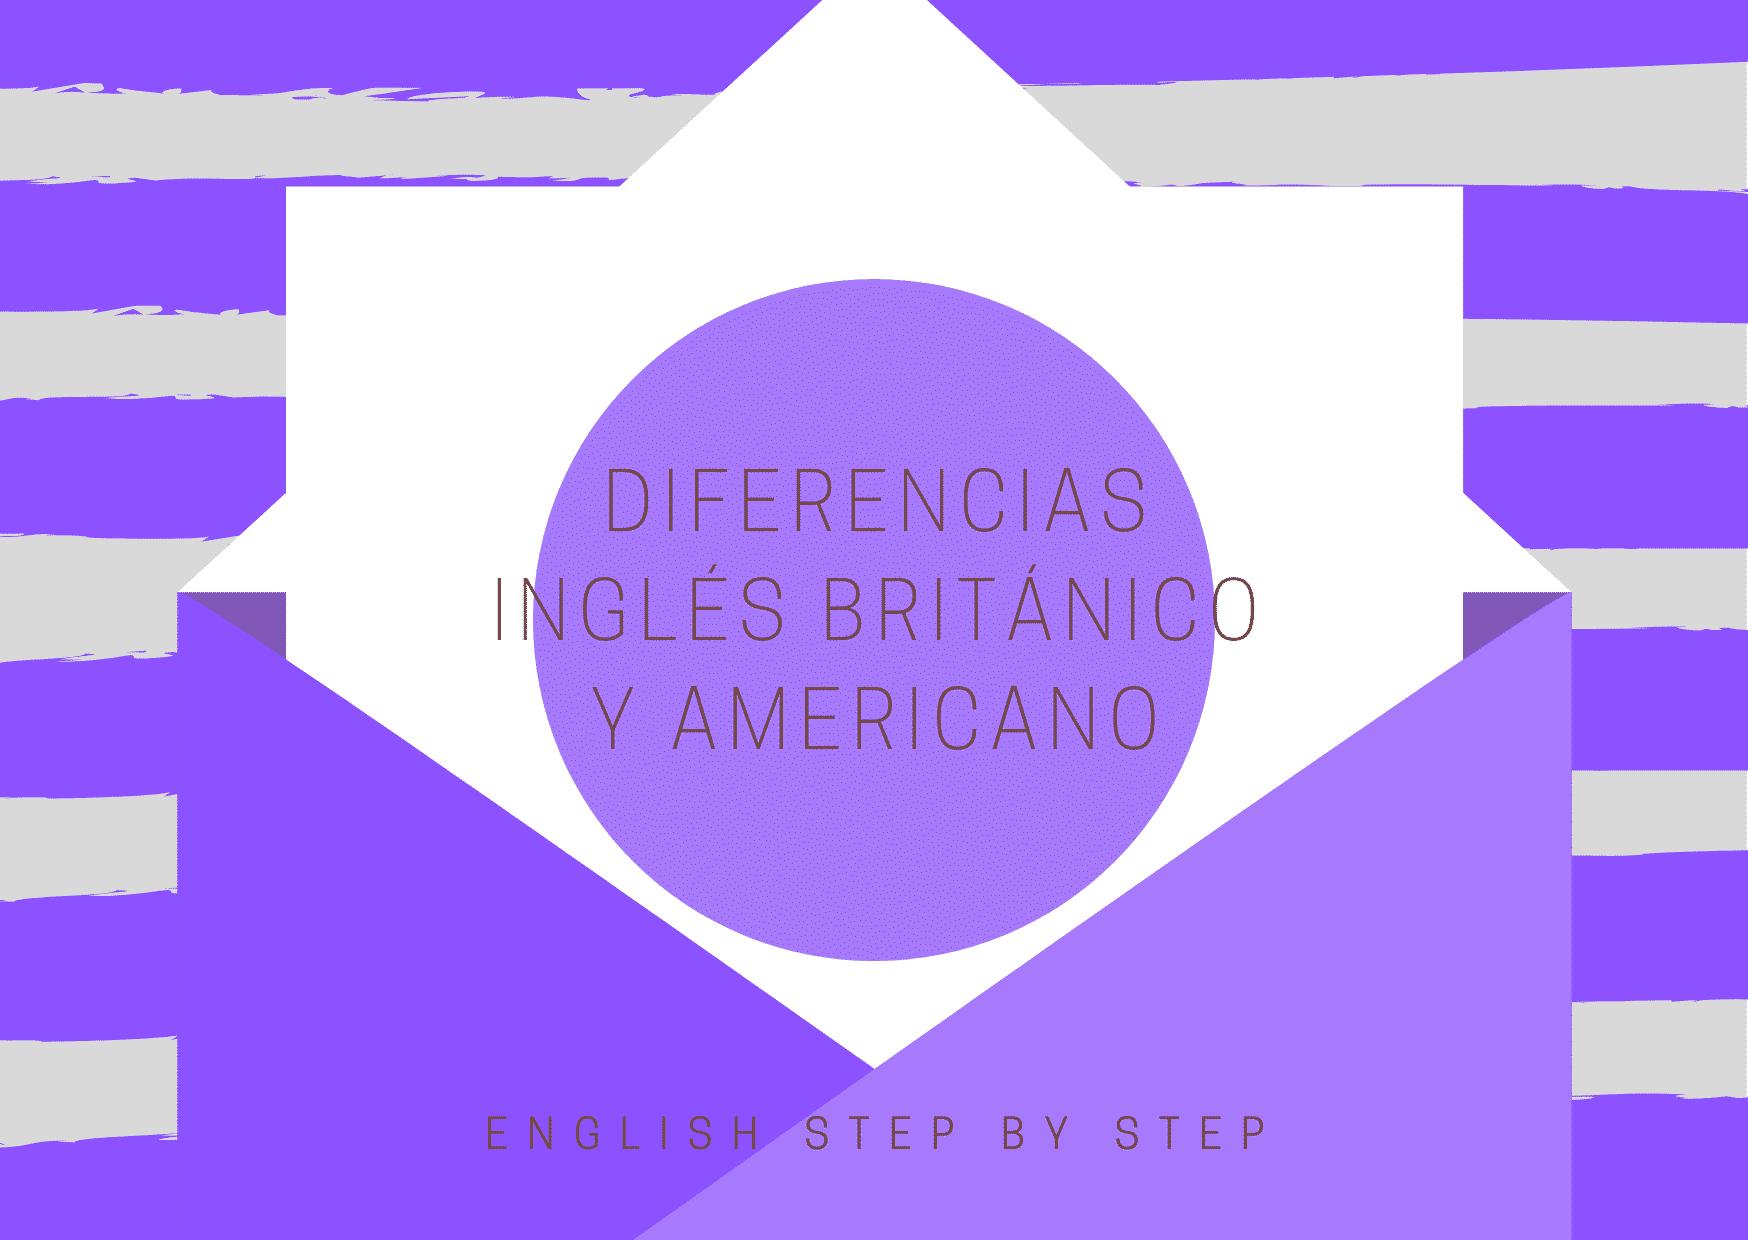 Diferencias entre el inglés británico y americano